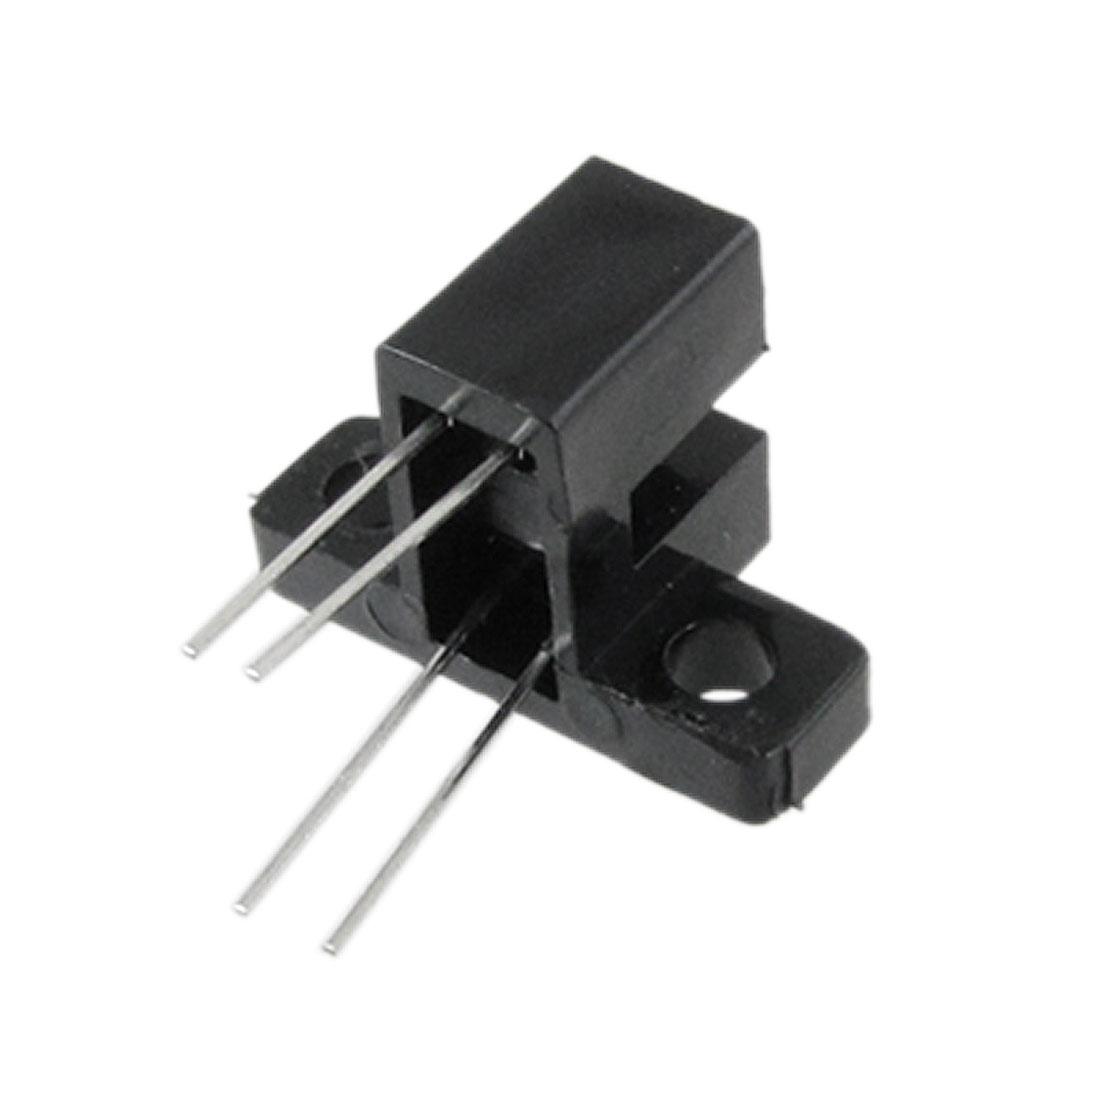 Unique Bargains 10 Pcs 3 25 Gap Mounting Bracket Photo Interrupter Blk Optical Circuit